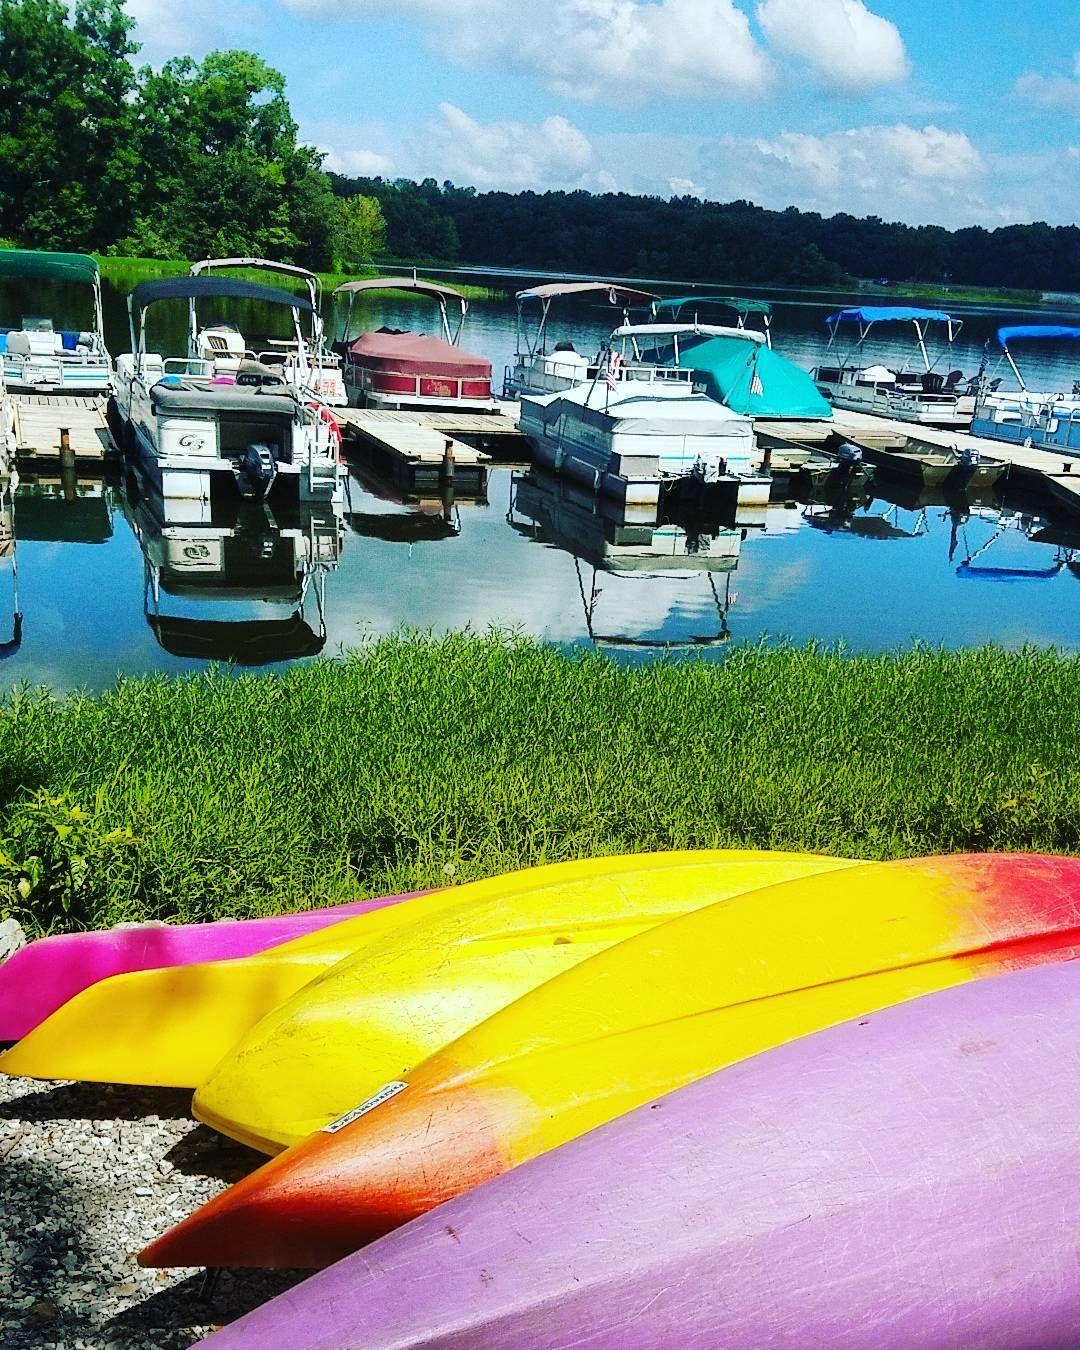 Matt Mitchell On Instagram Had A Great Time Kayaking With Zmitchell117 Today Laketime Kayak Littlegrassylake Southernillinois Visitsi 4thofjuly